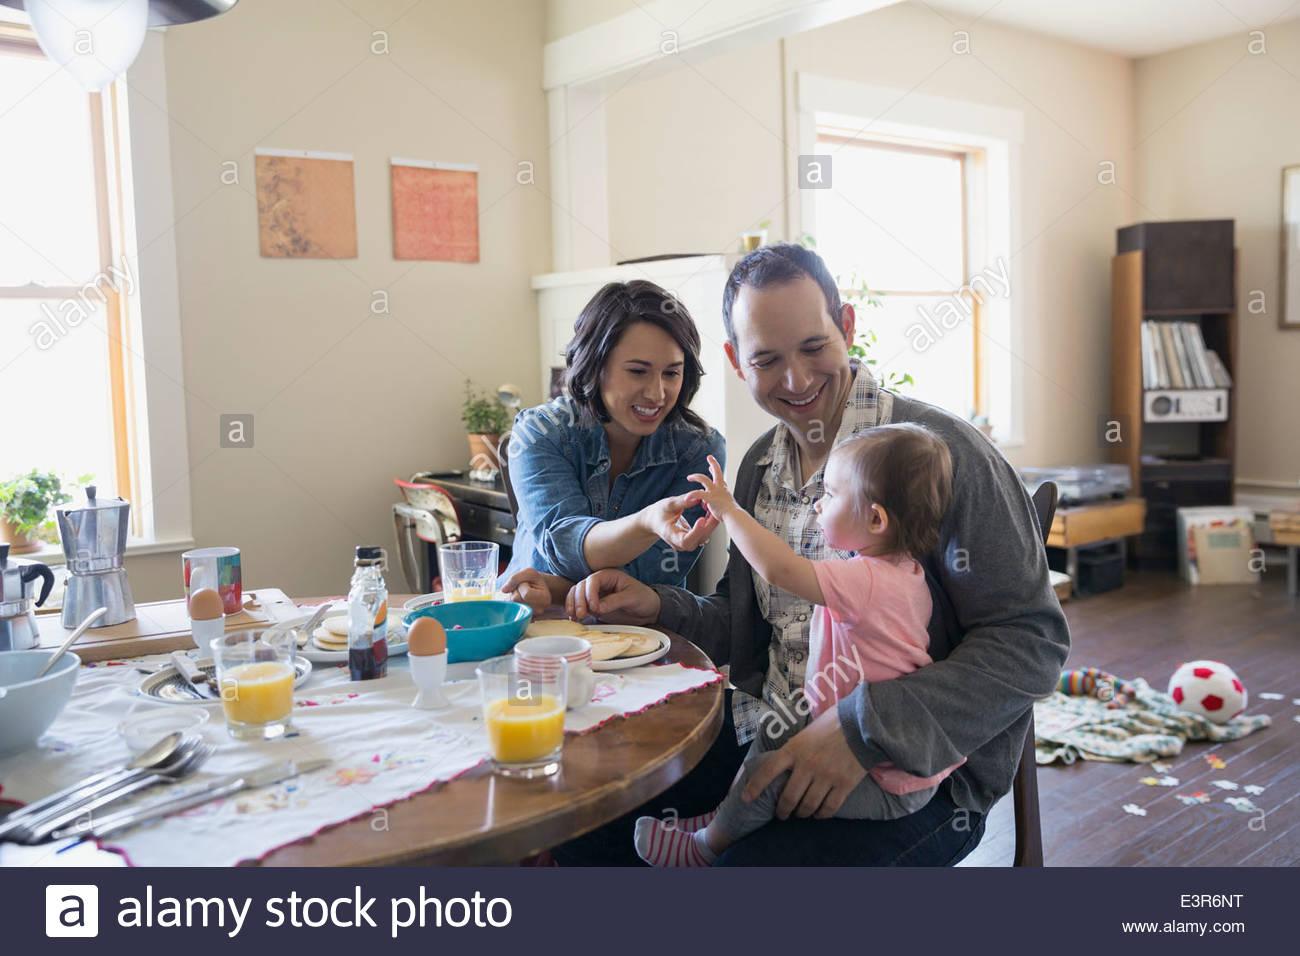 Junge Familie Frühstück am Esstisch Stockfoto